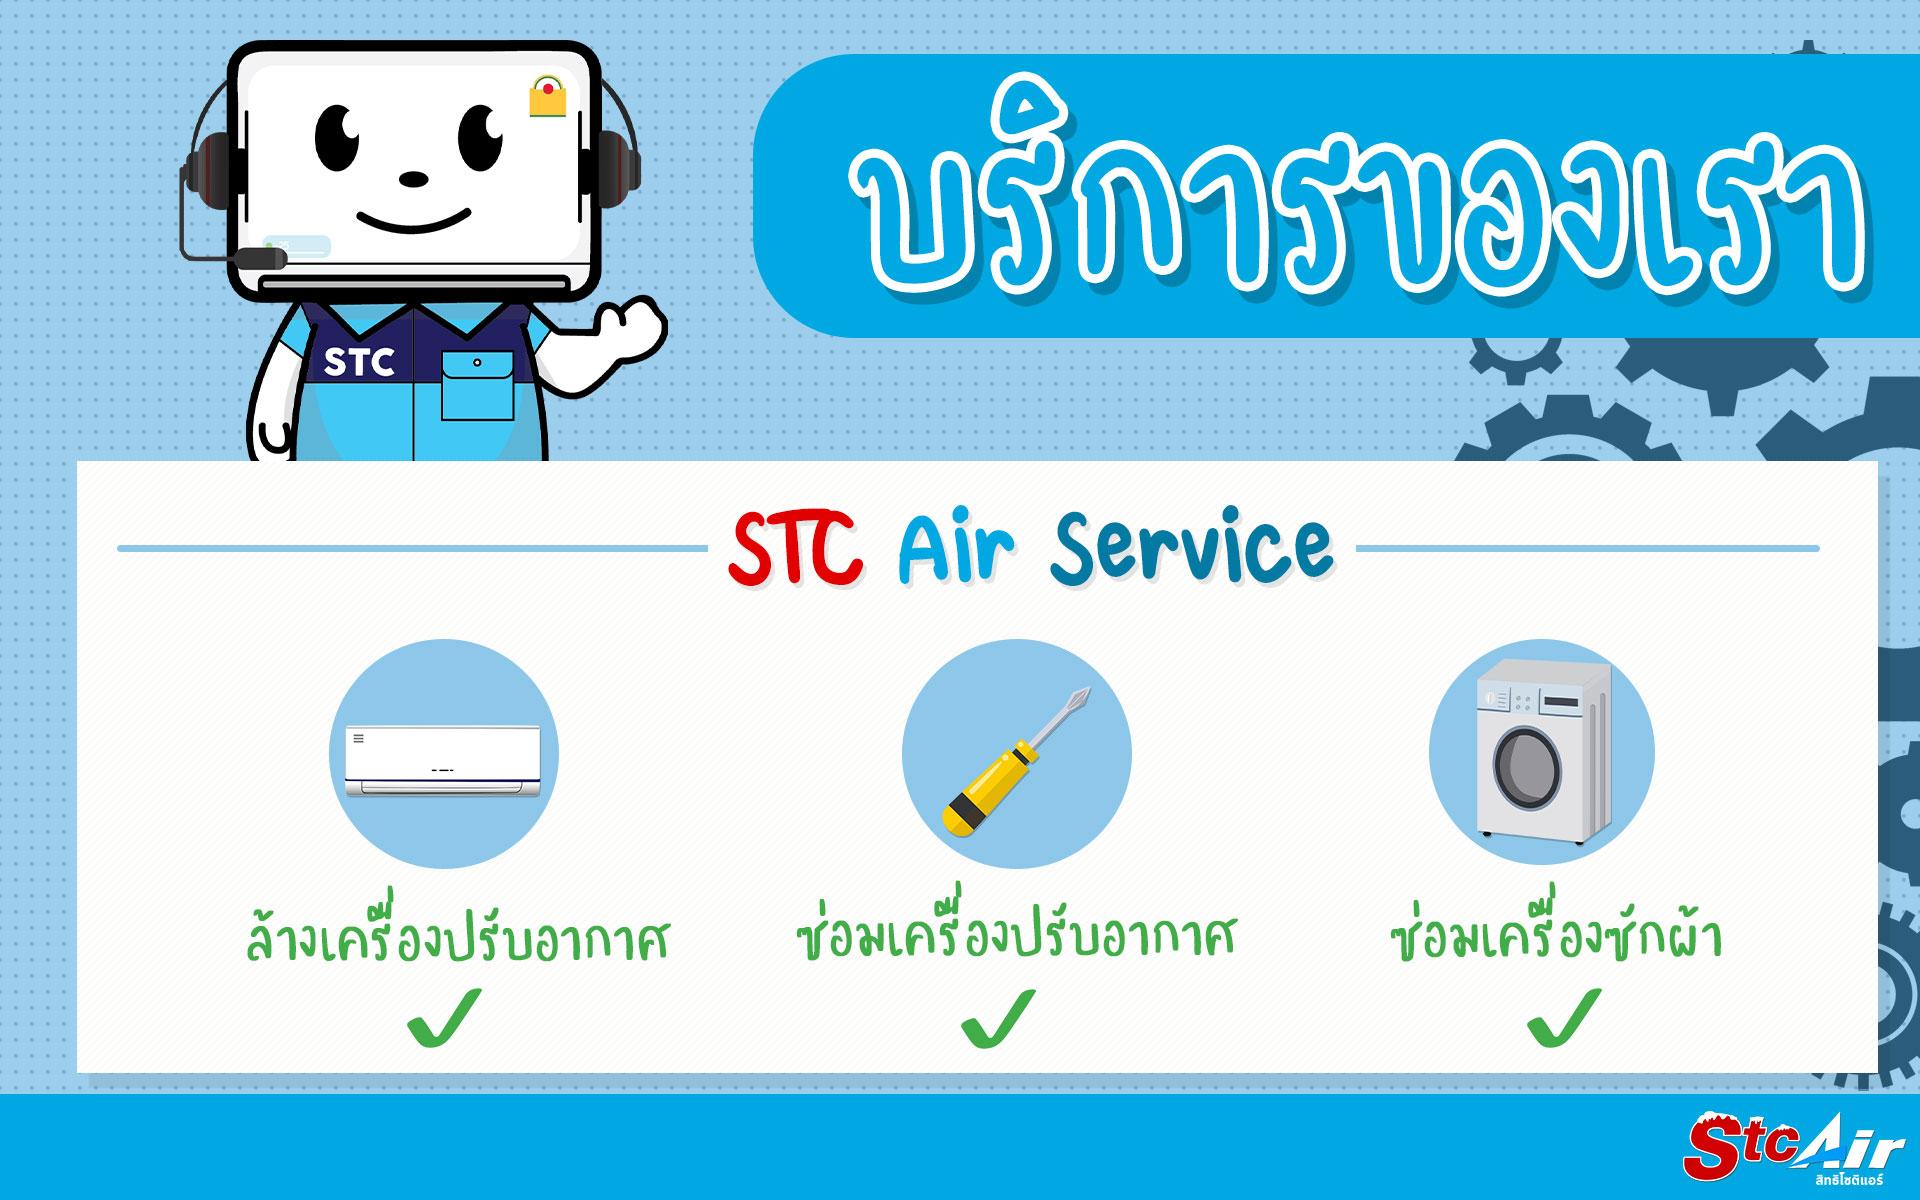 stc air service